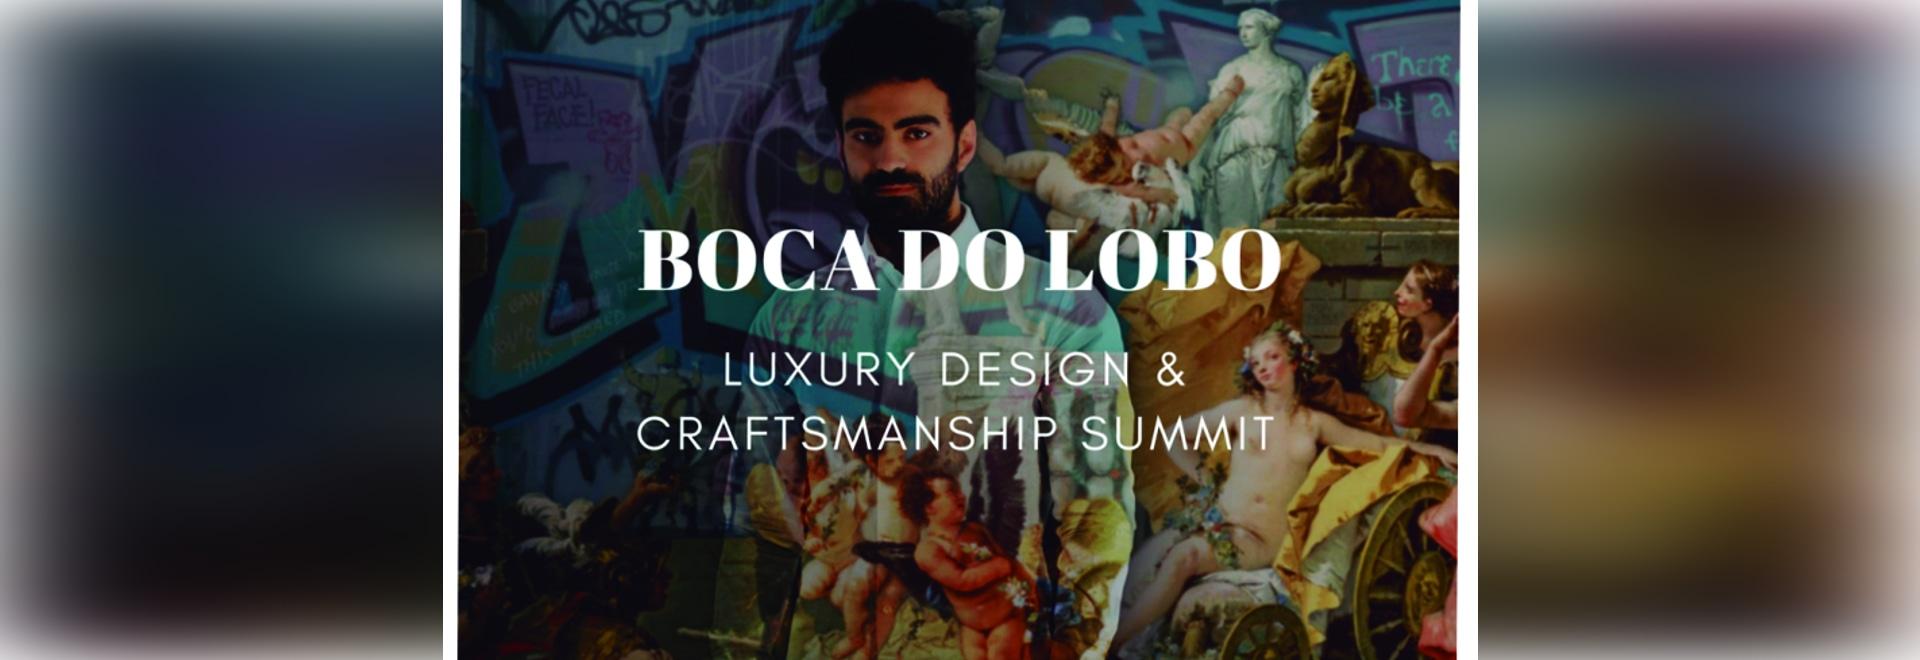 Luxury Design & Craftsmanship Summit Speakers: Boca do Lobo